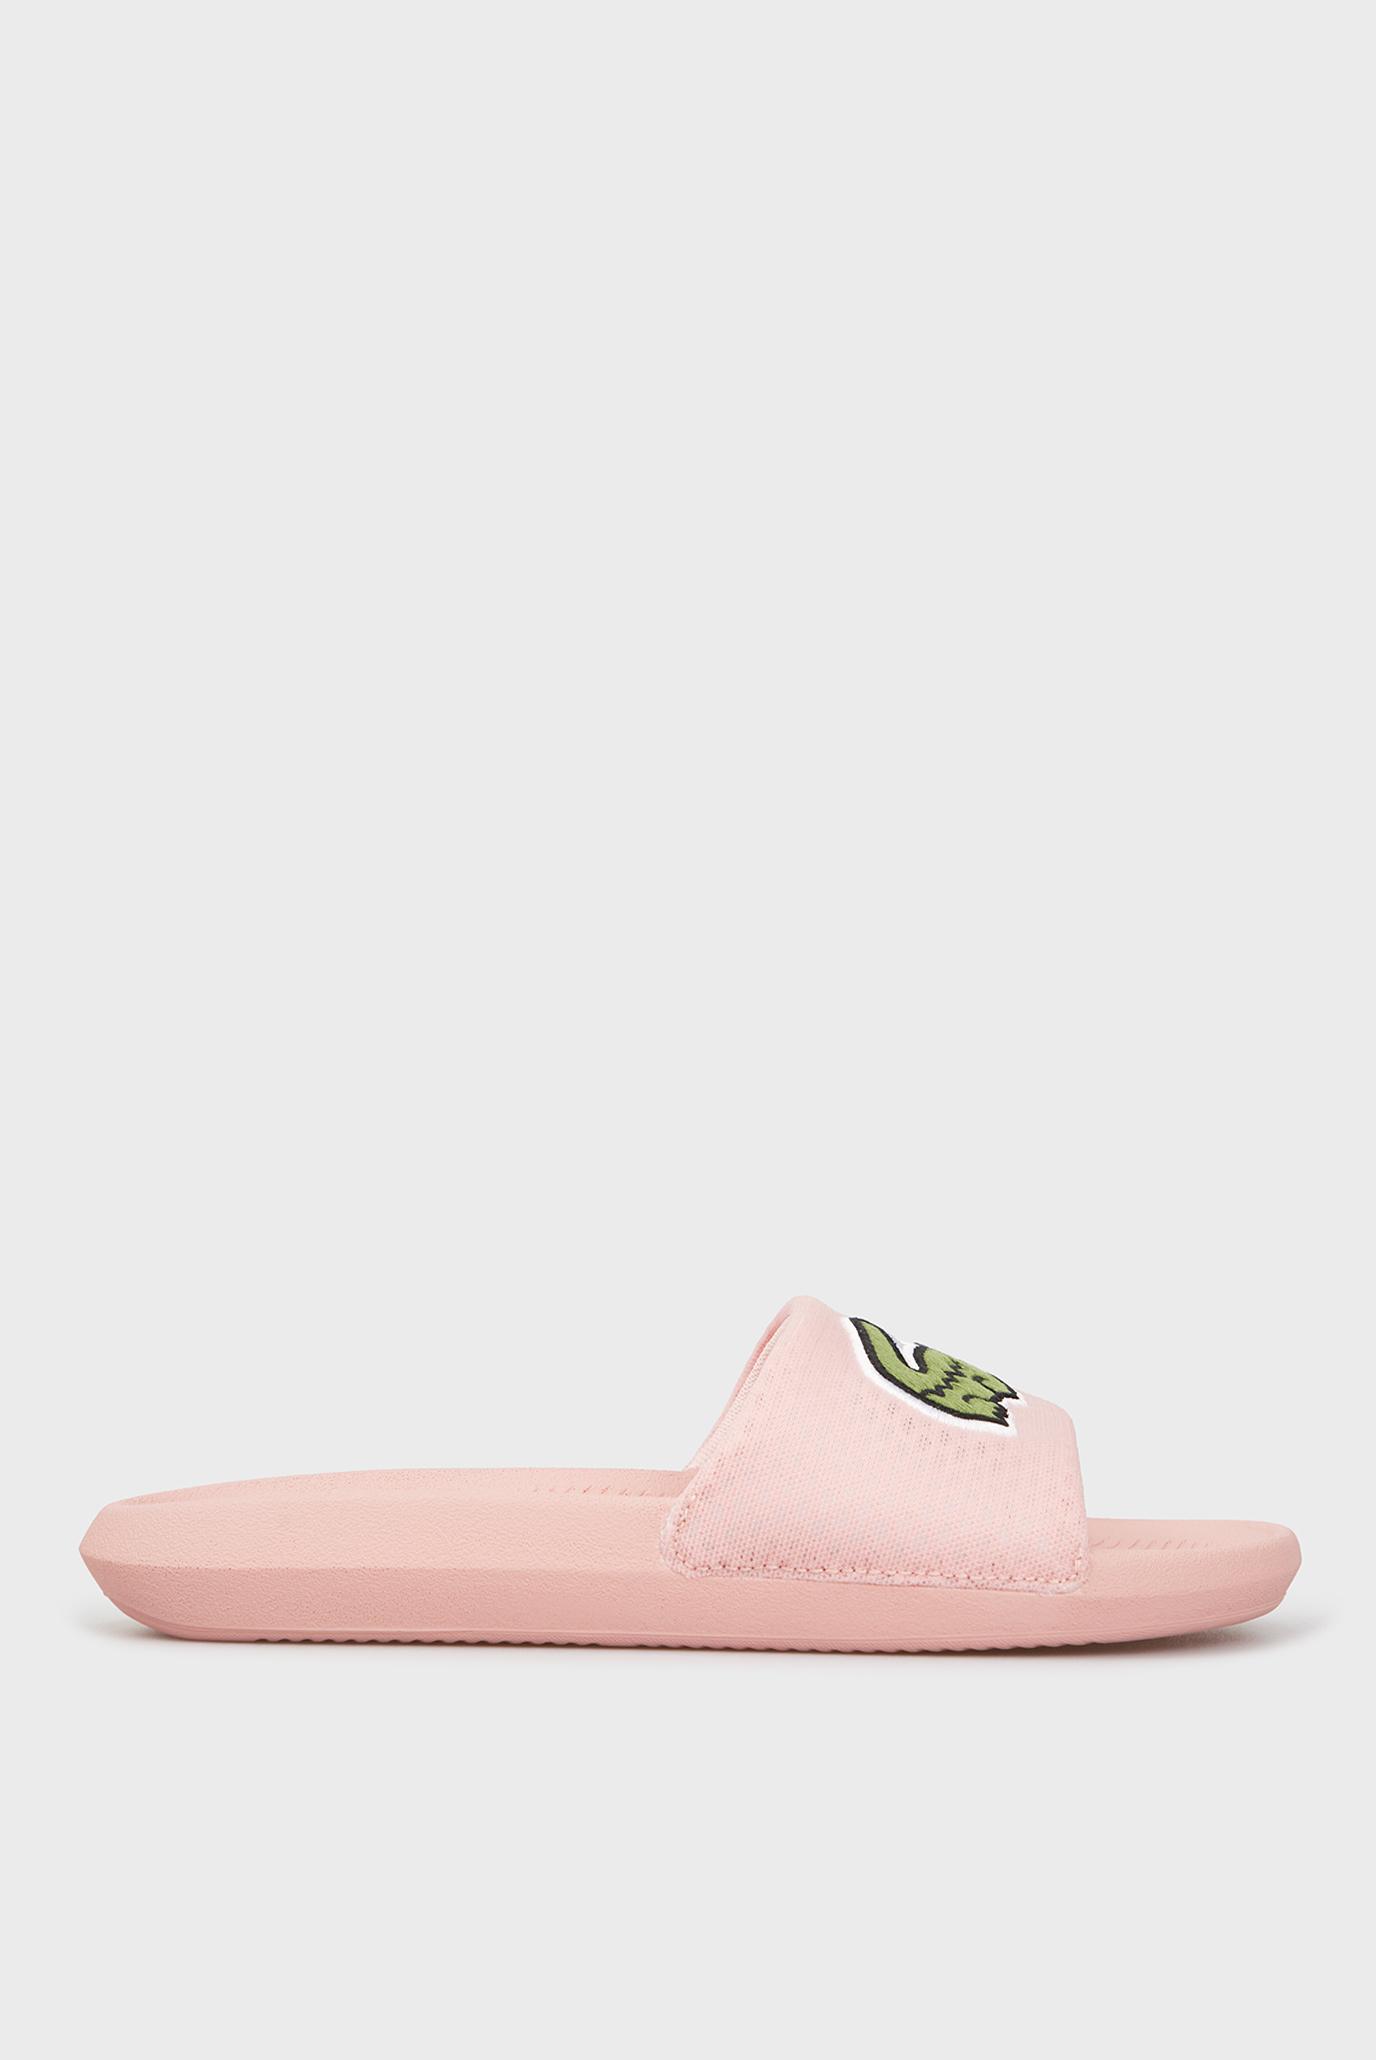 Жіночі рожеві слайдери CROCO SLIDE 0921 1 CFA 1